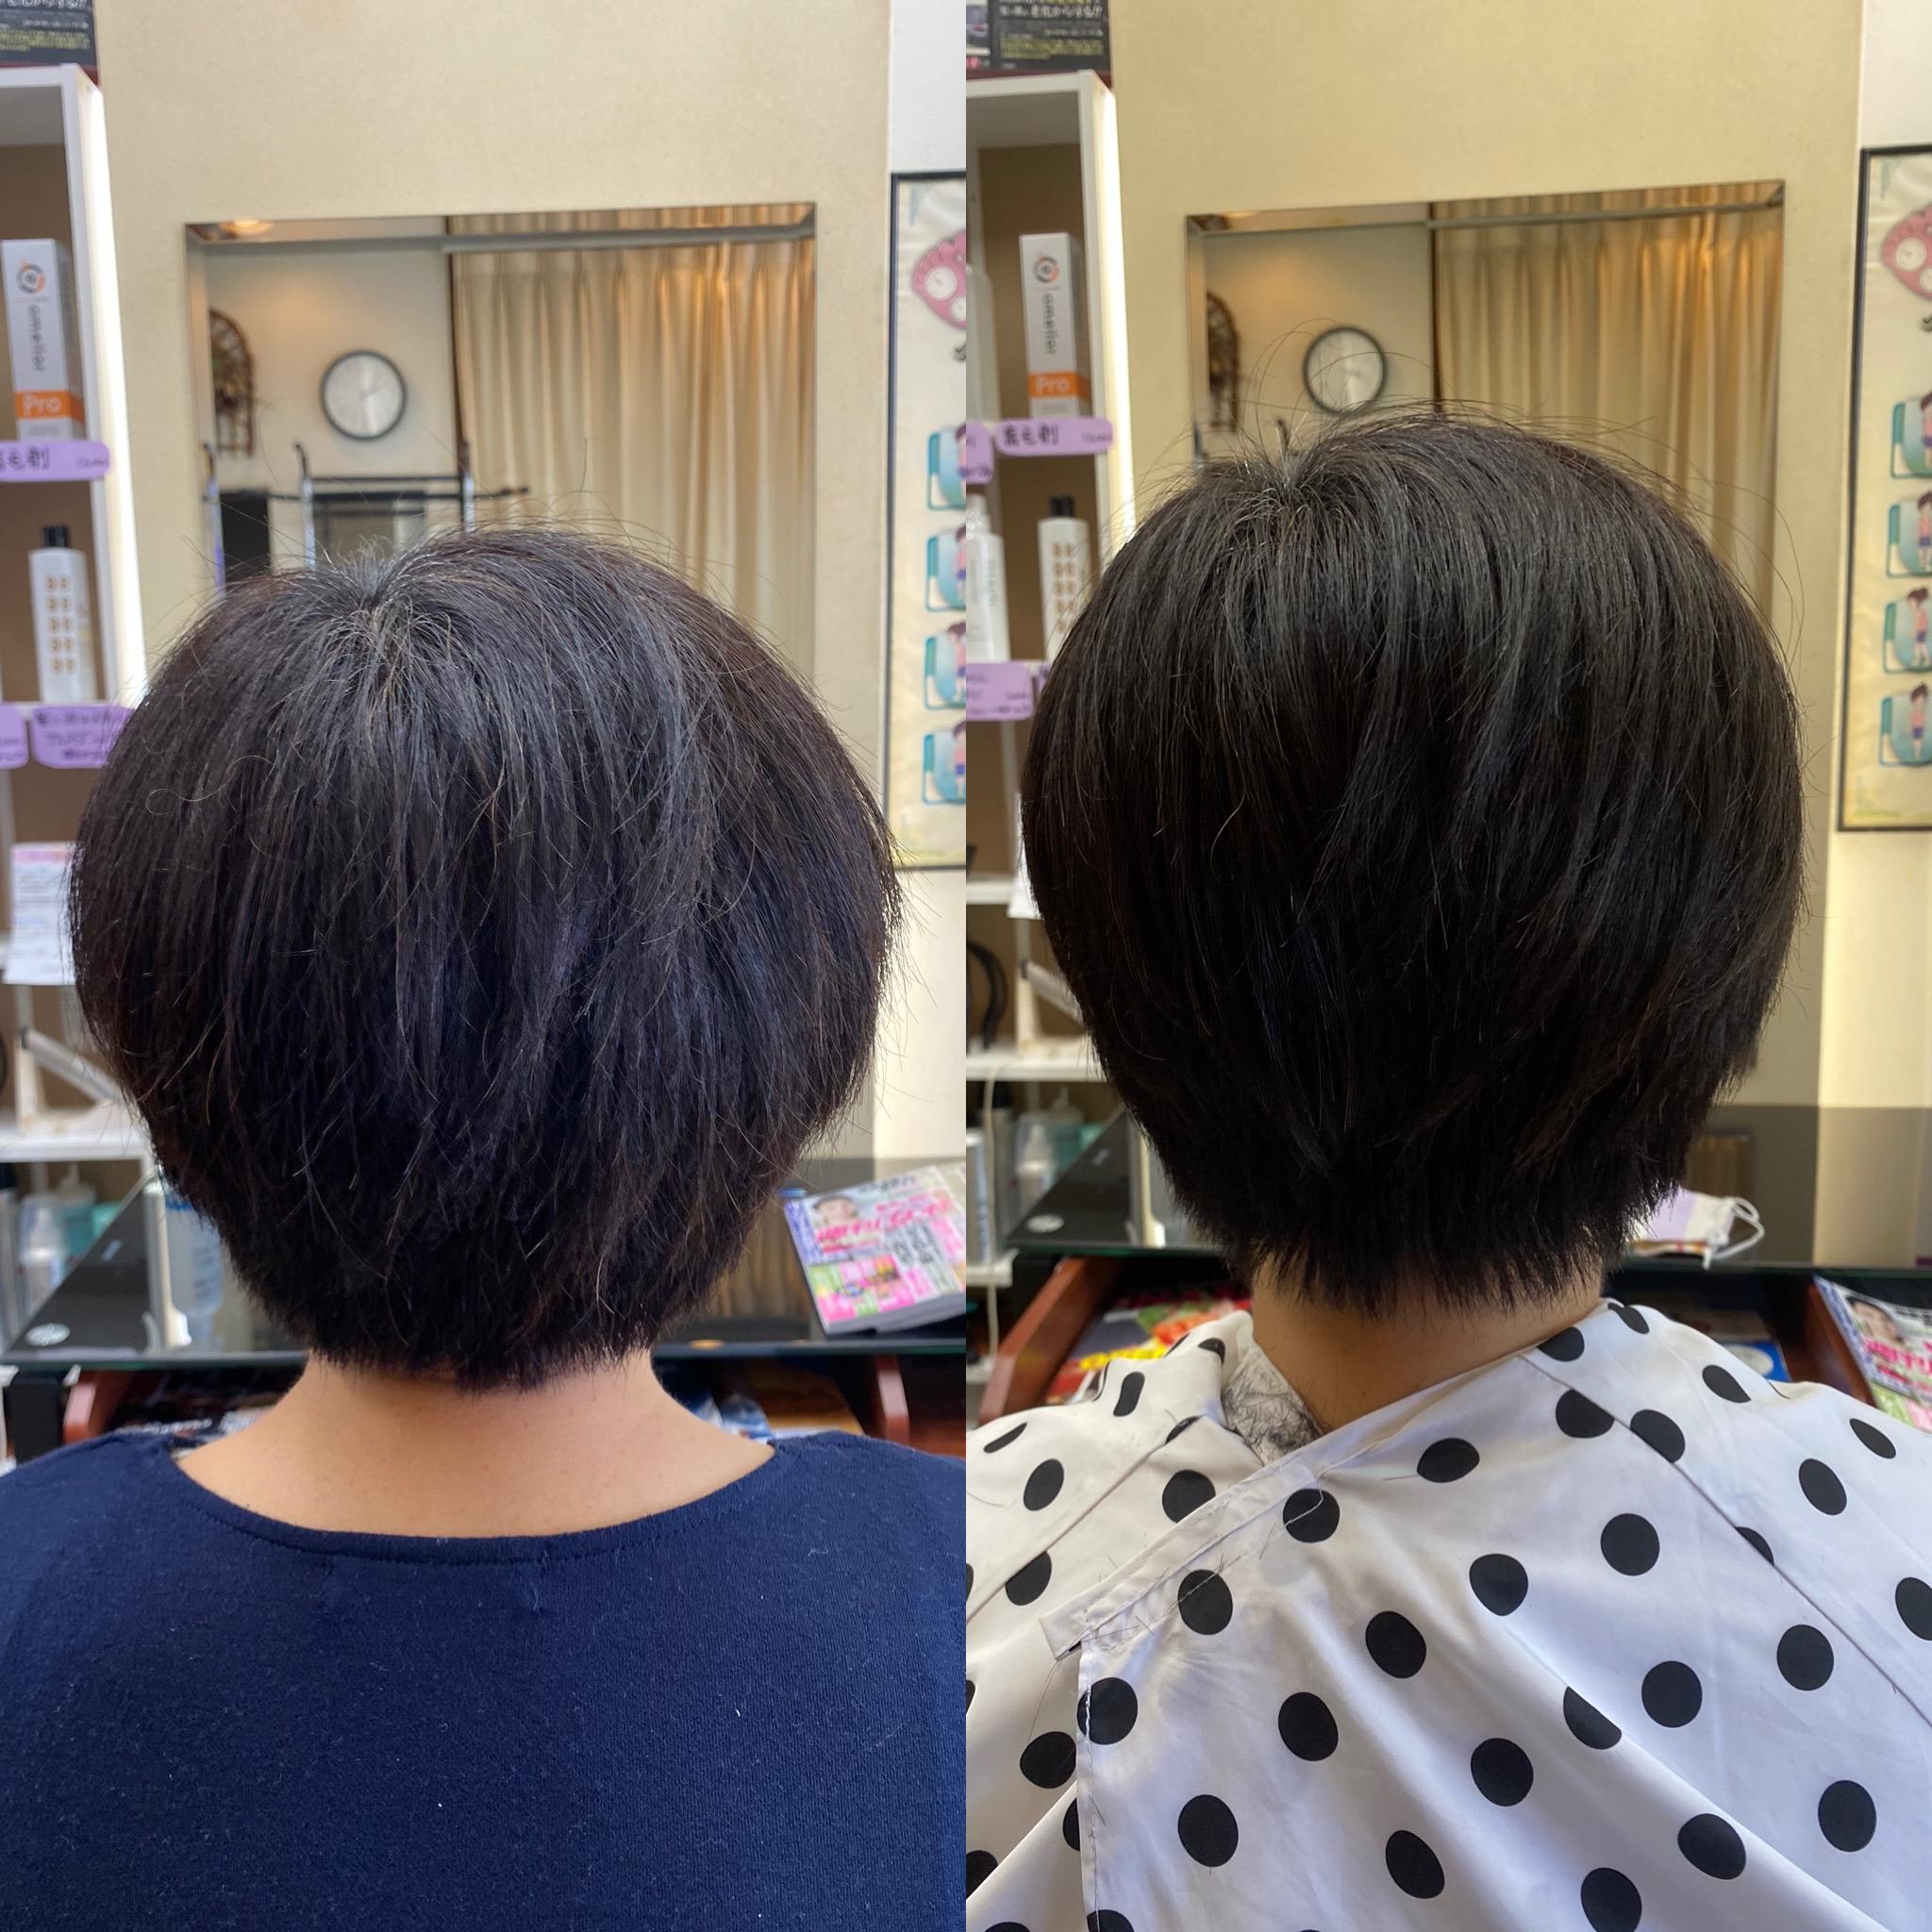 横に広がる髪、すきバサミを使わず毛量調整